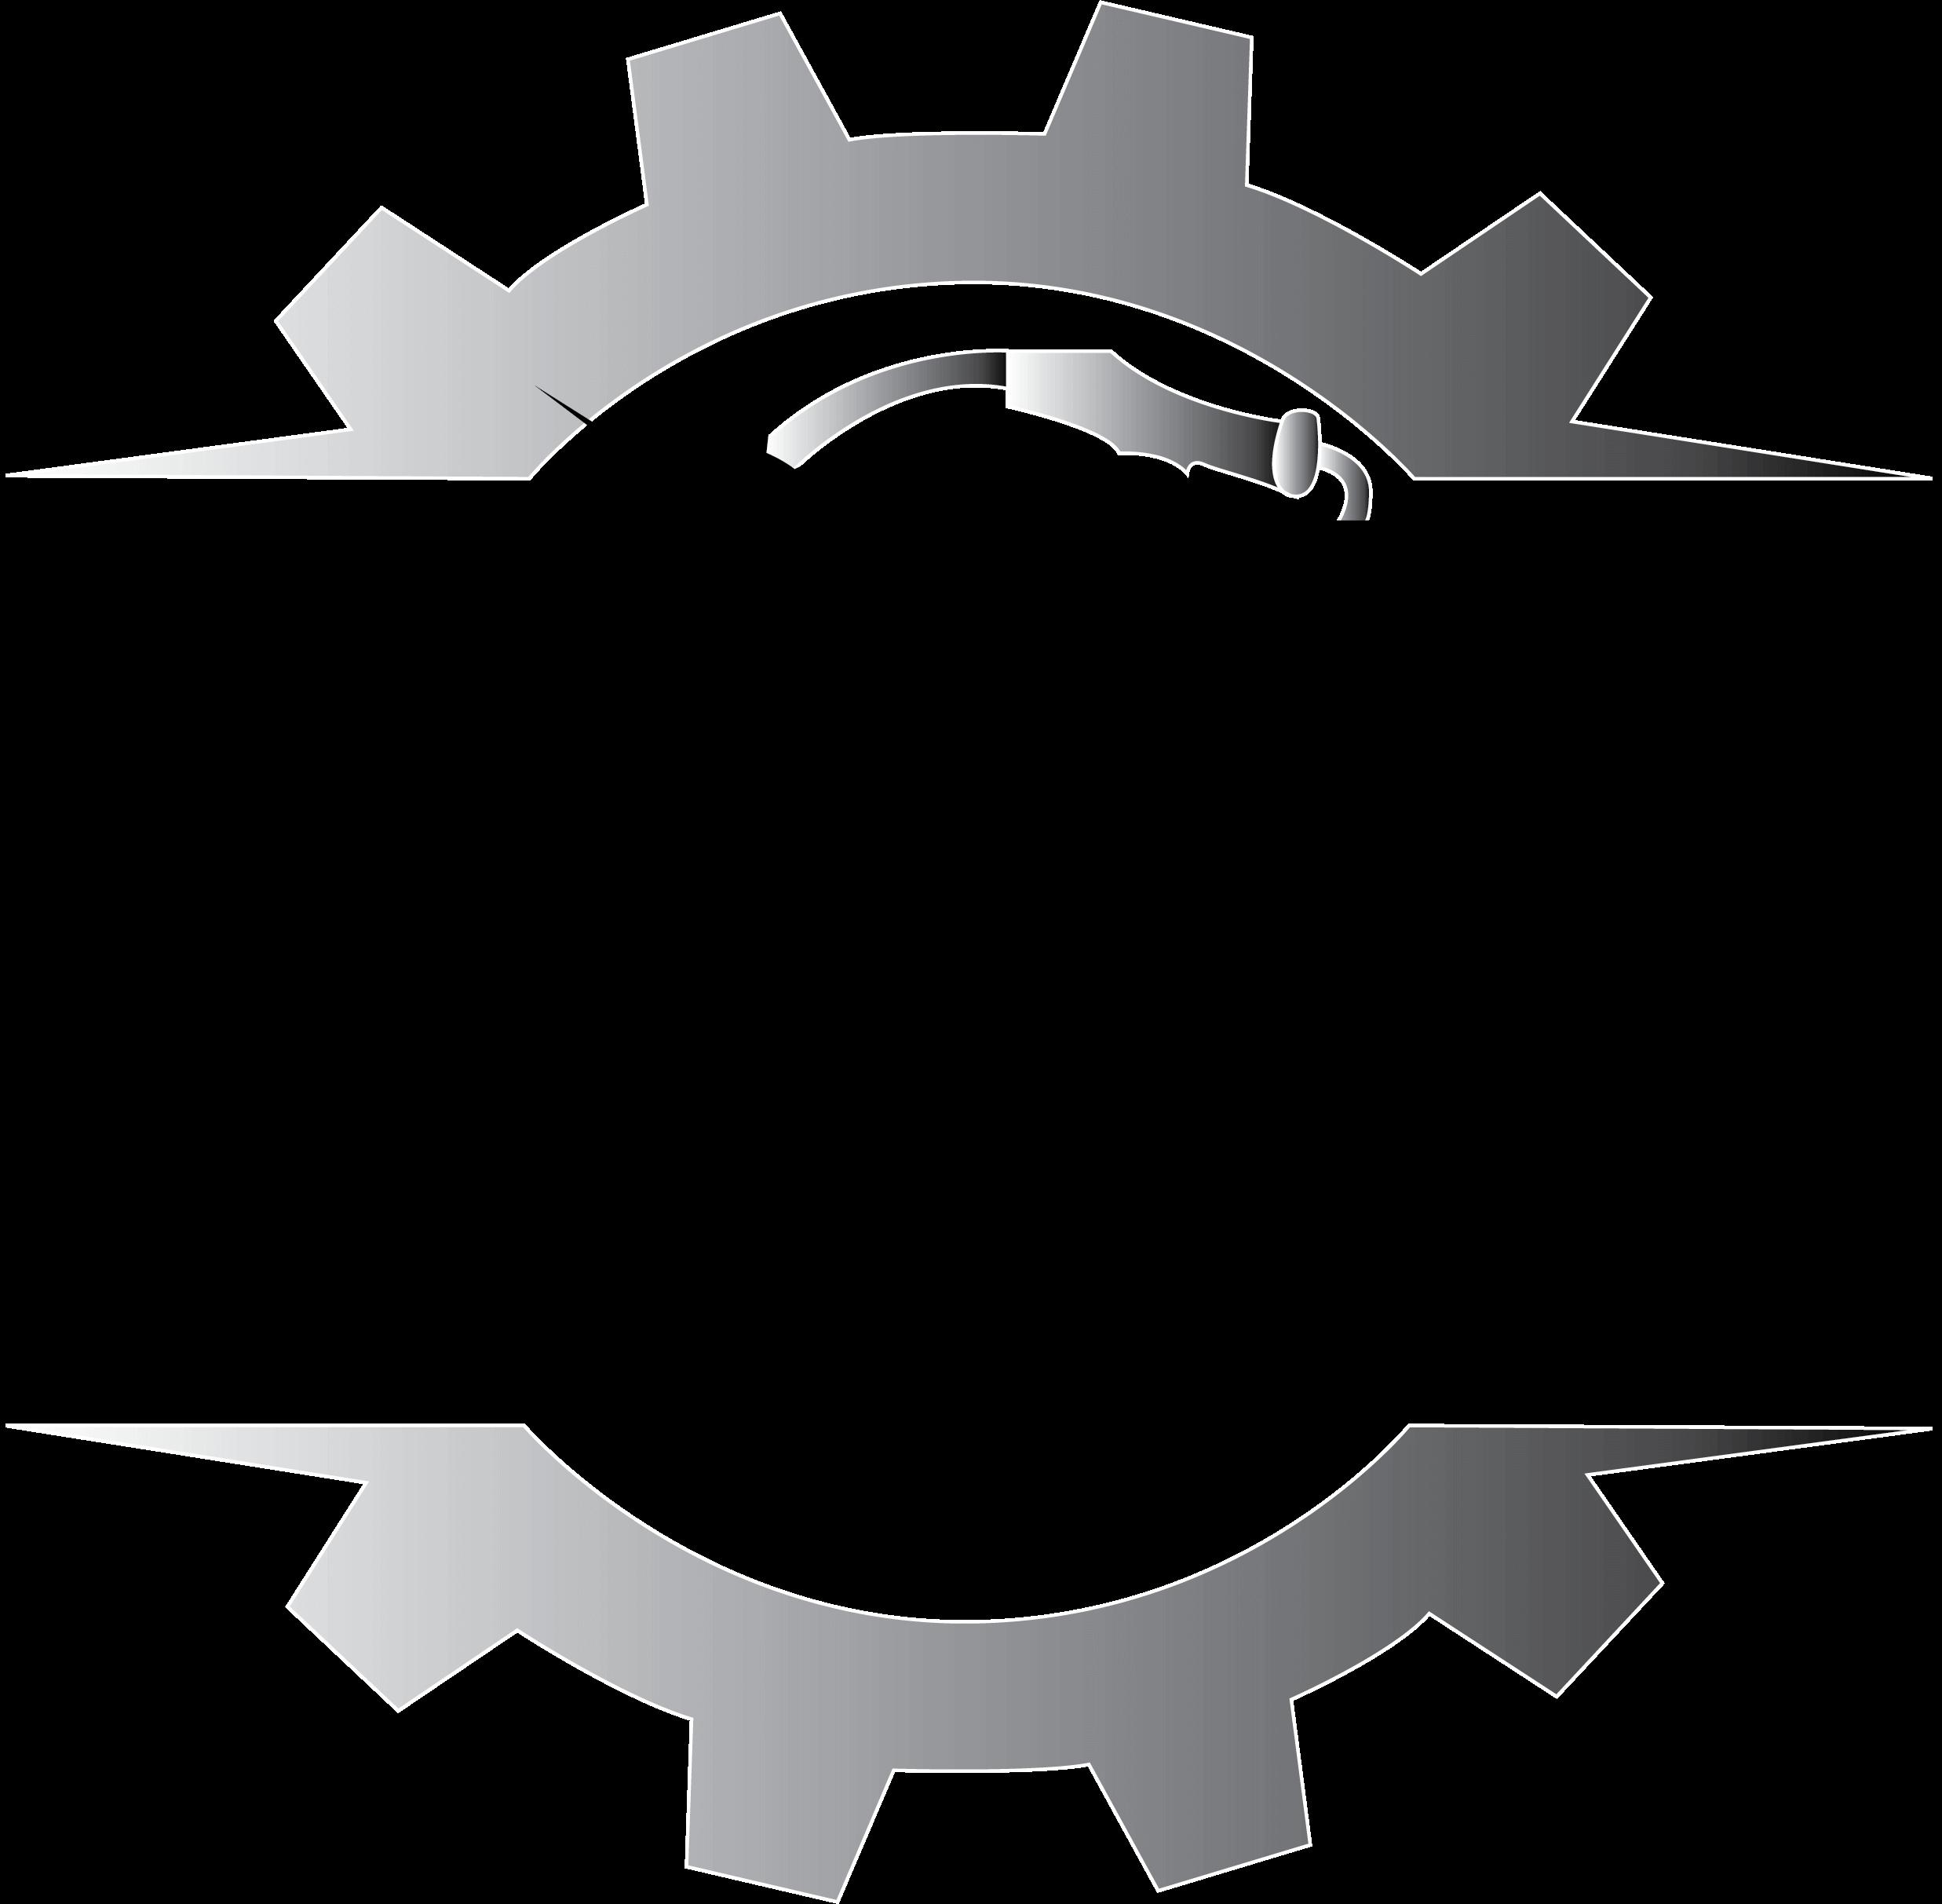 B & M Steel & Welding, Inc.